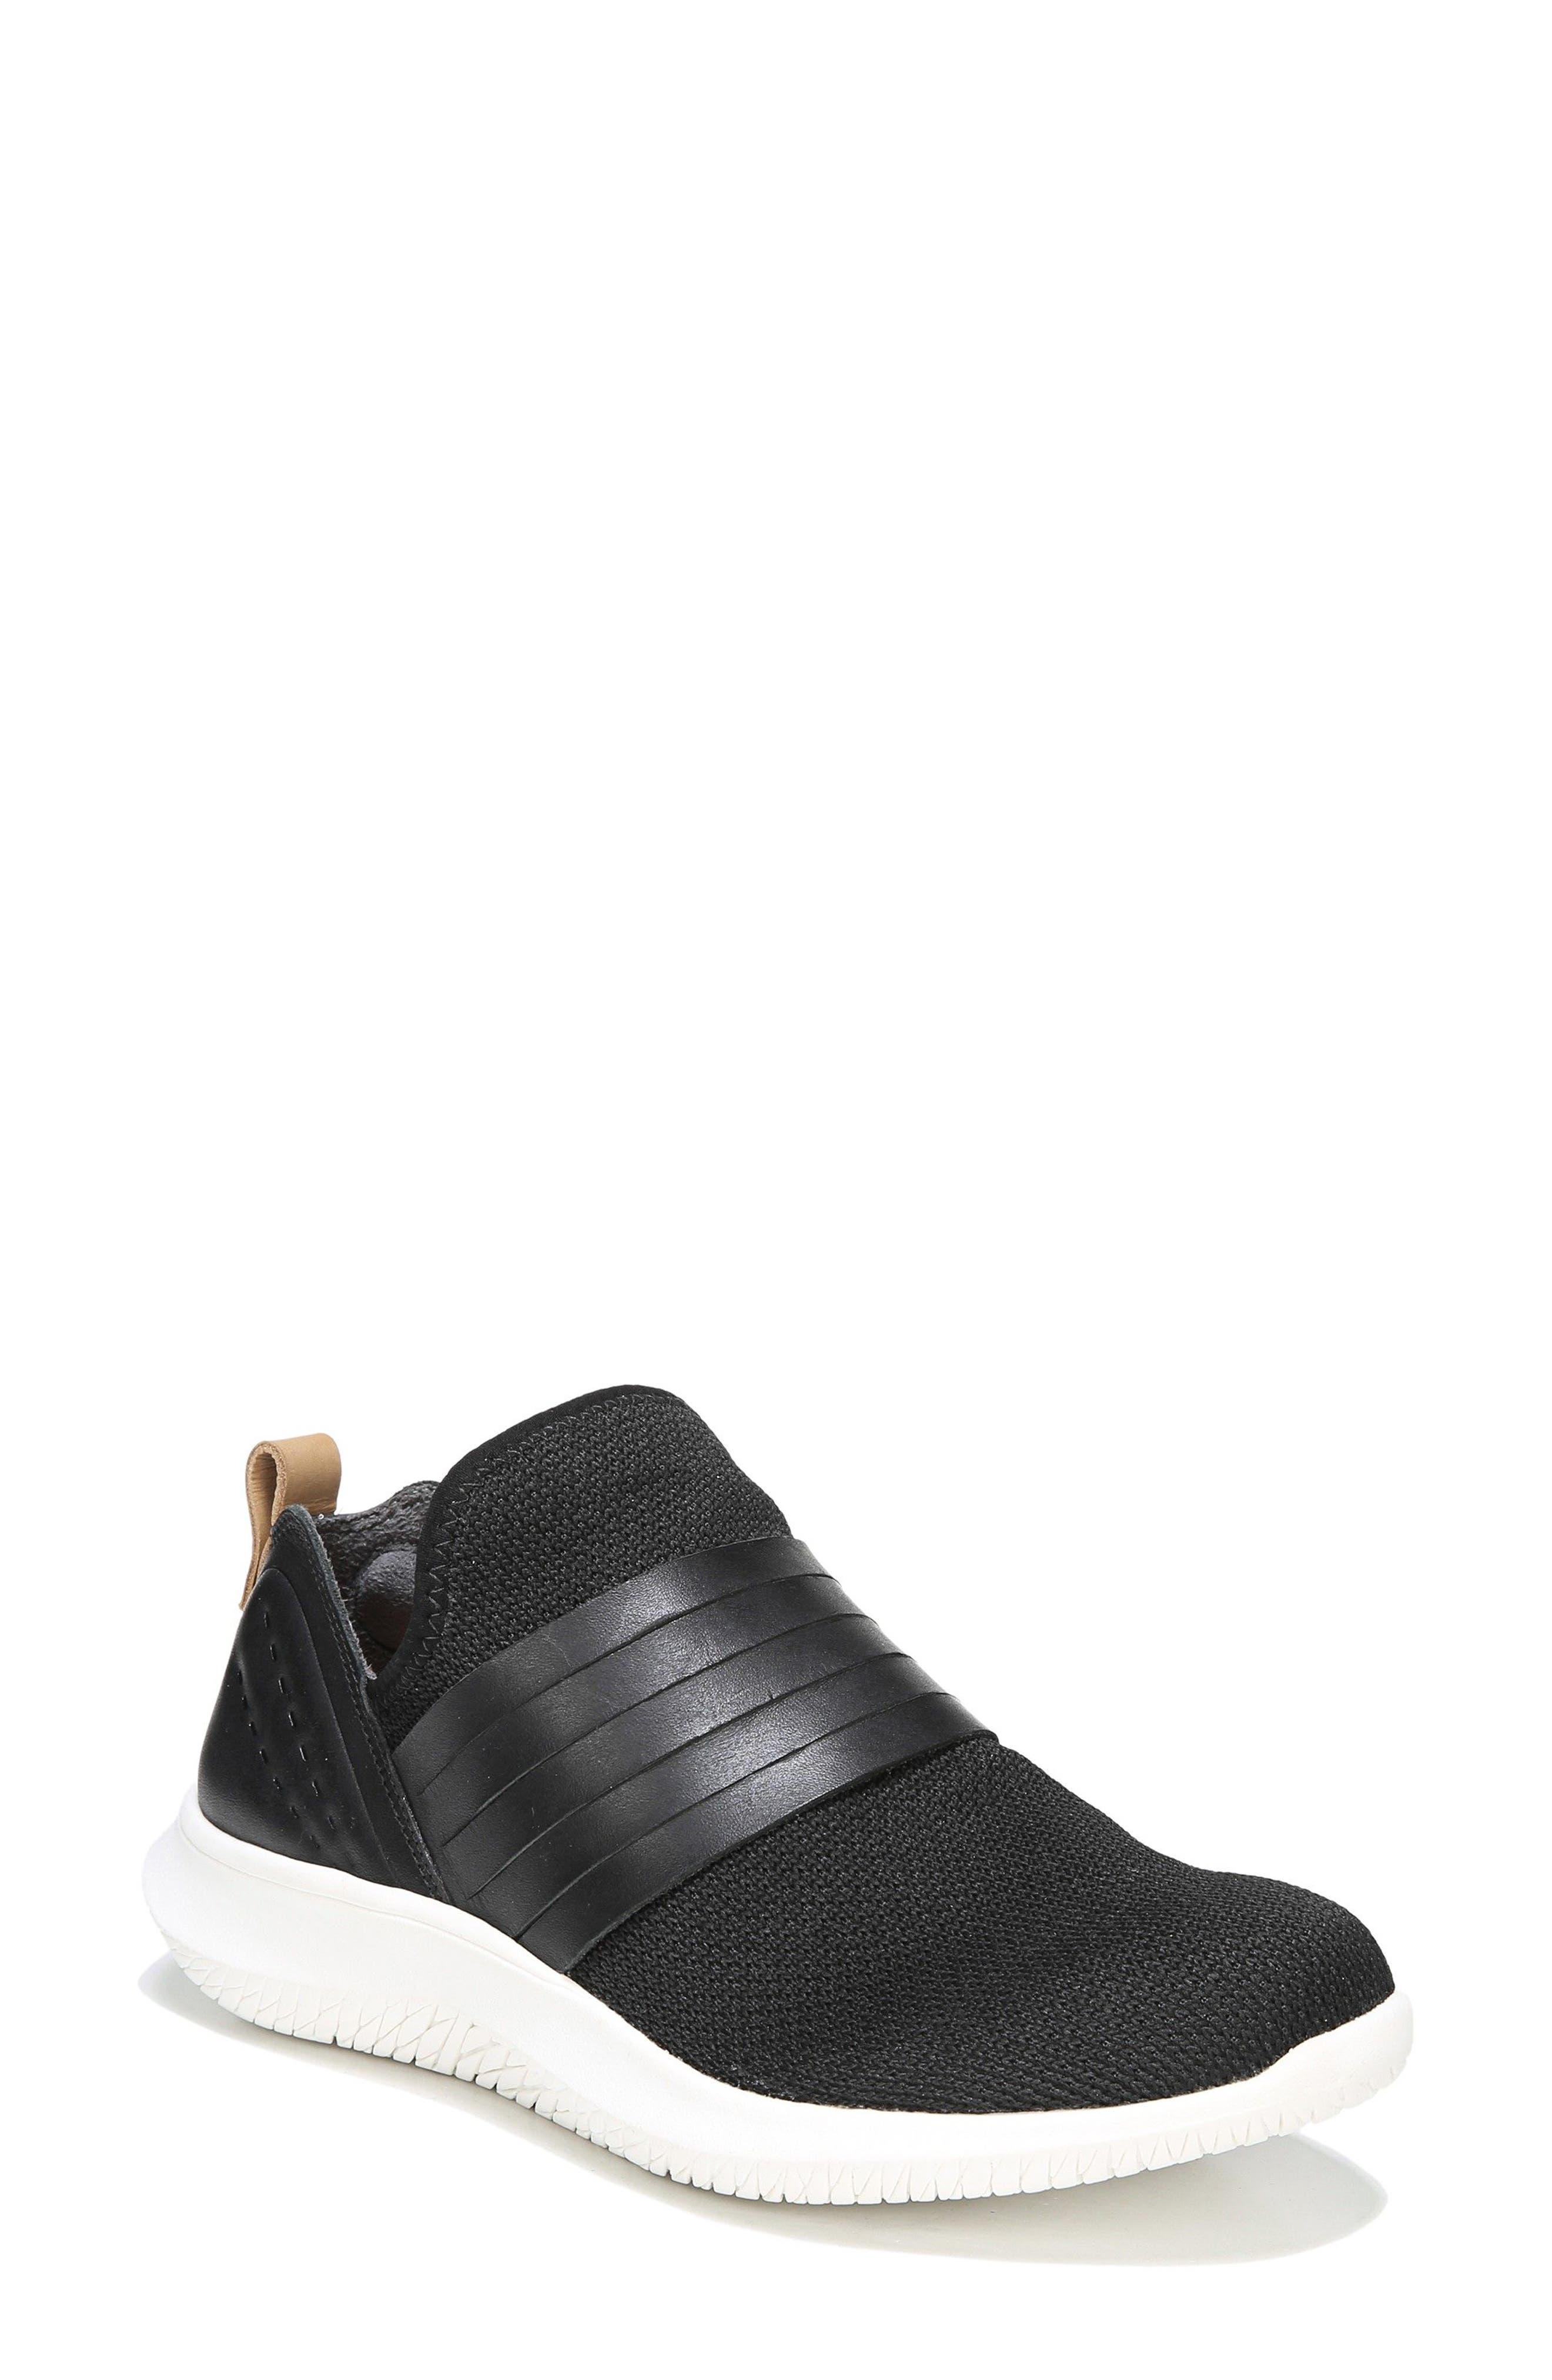 Fierceness Knit Slip-On Sneaker,                             Main thumbnail 1, color,                             001